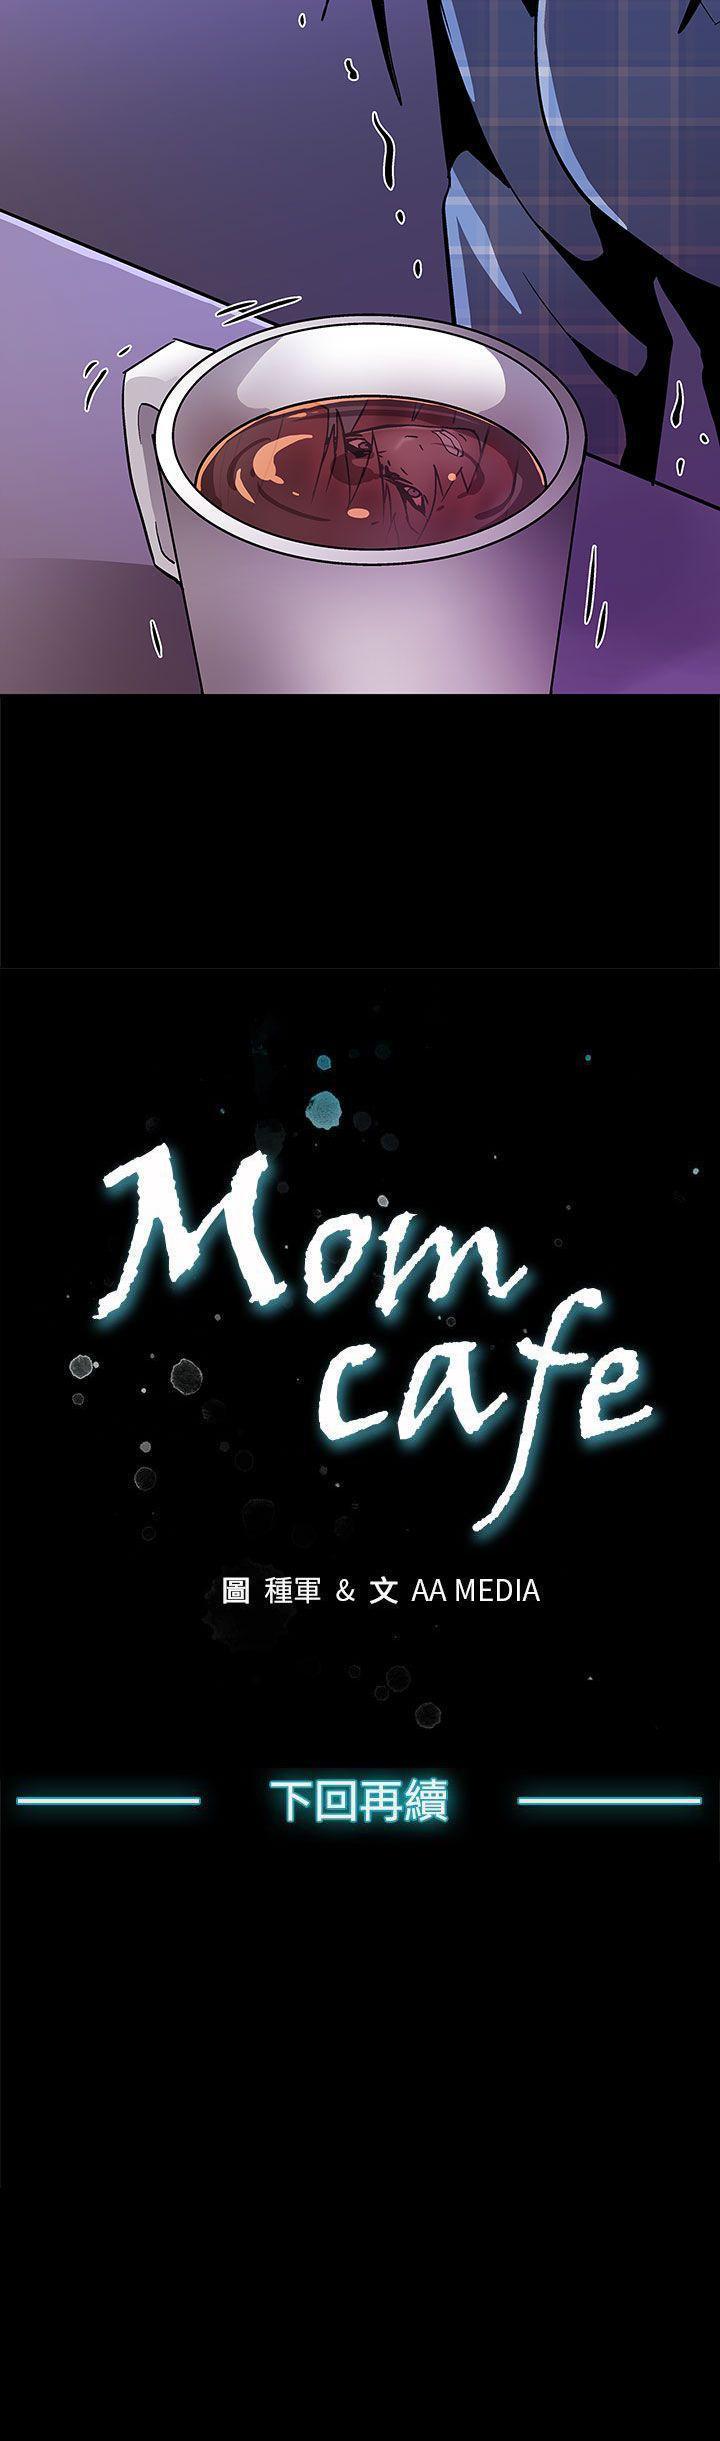 Mom cafe 1-72 31